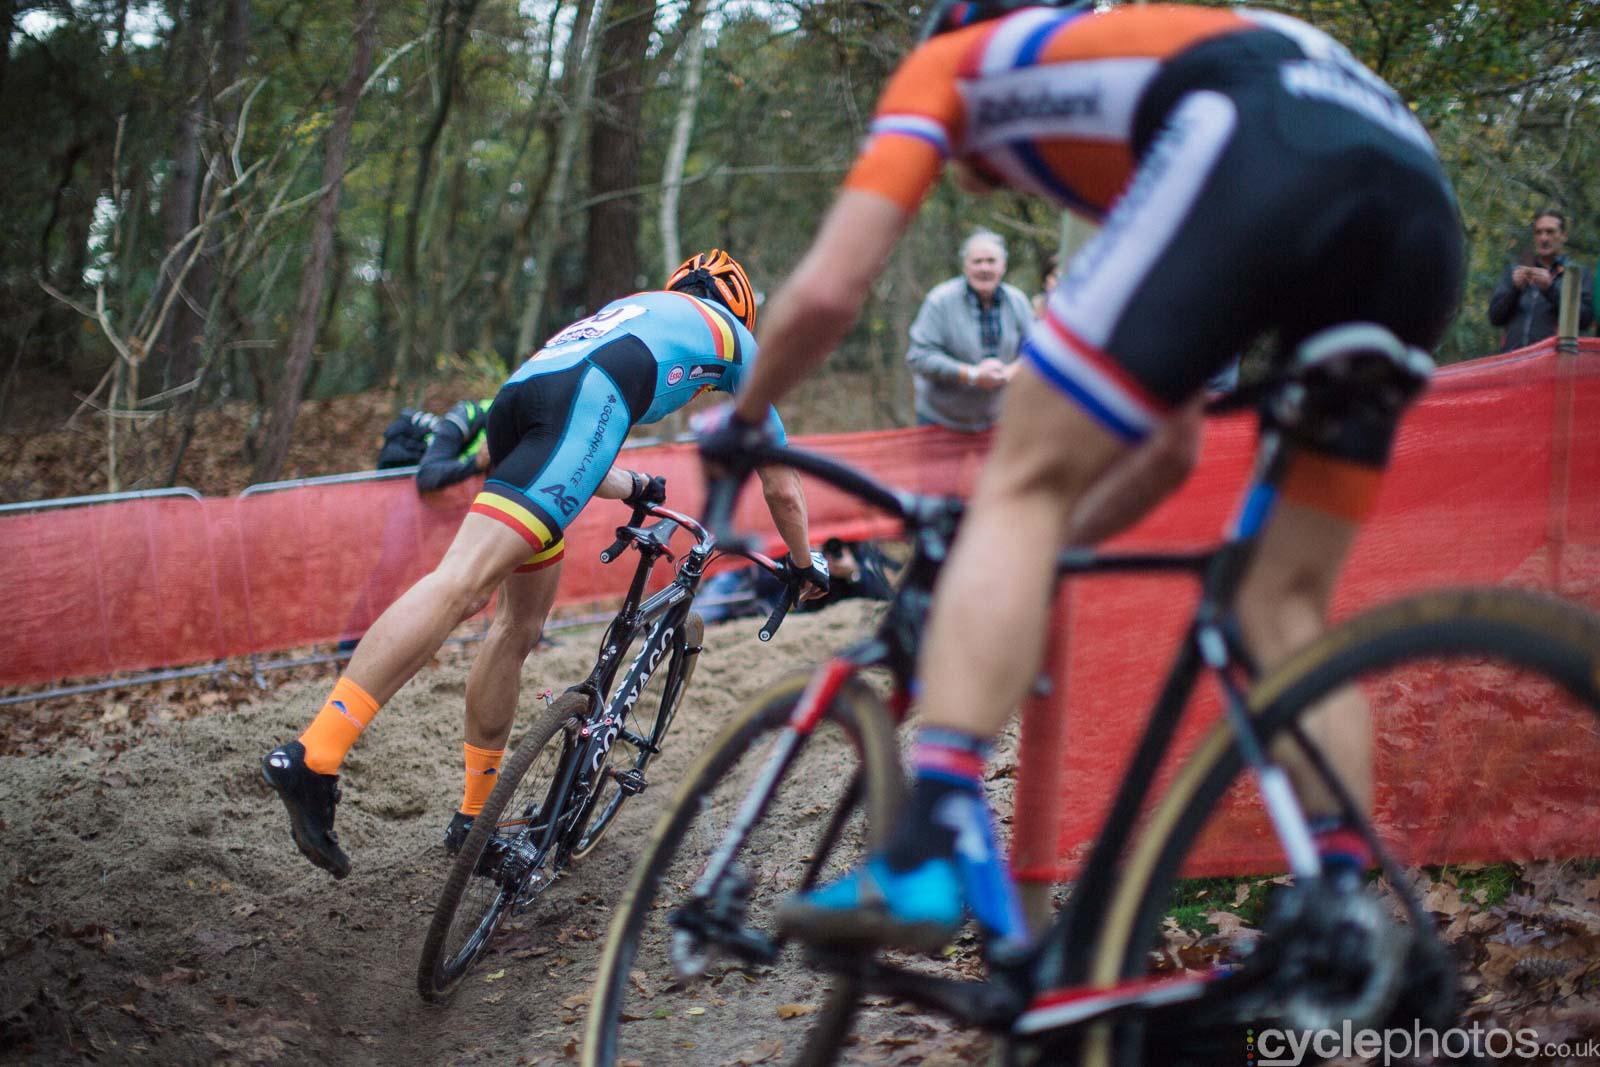 2015-cyclephotos-cyclocross-eucx-huijbergen-155500-wout-van-aert